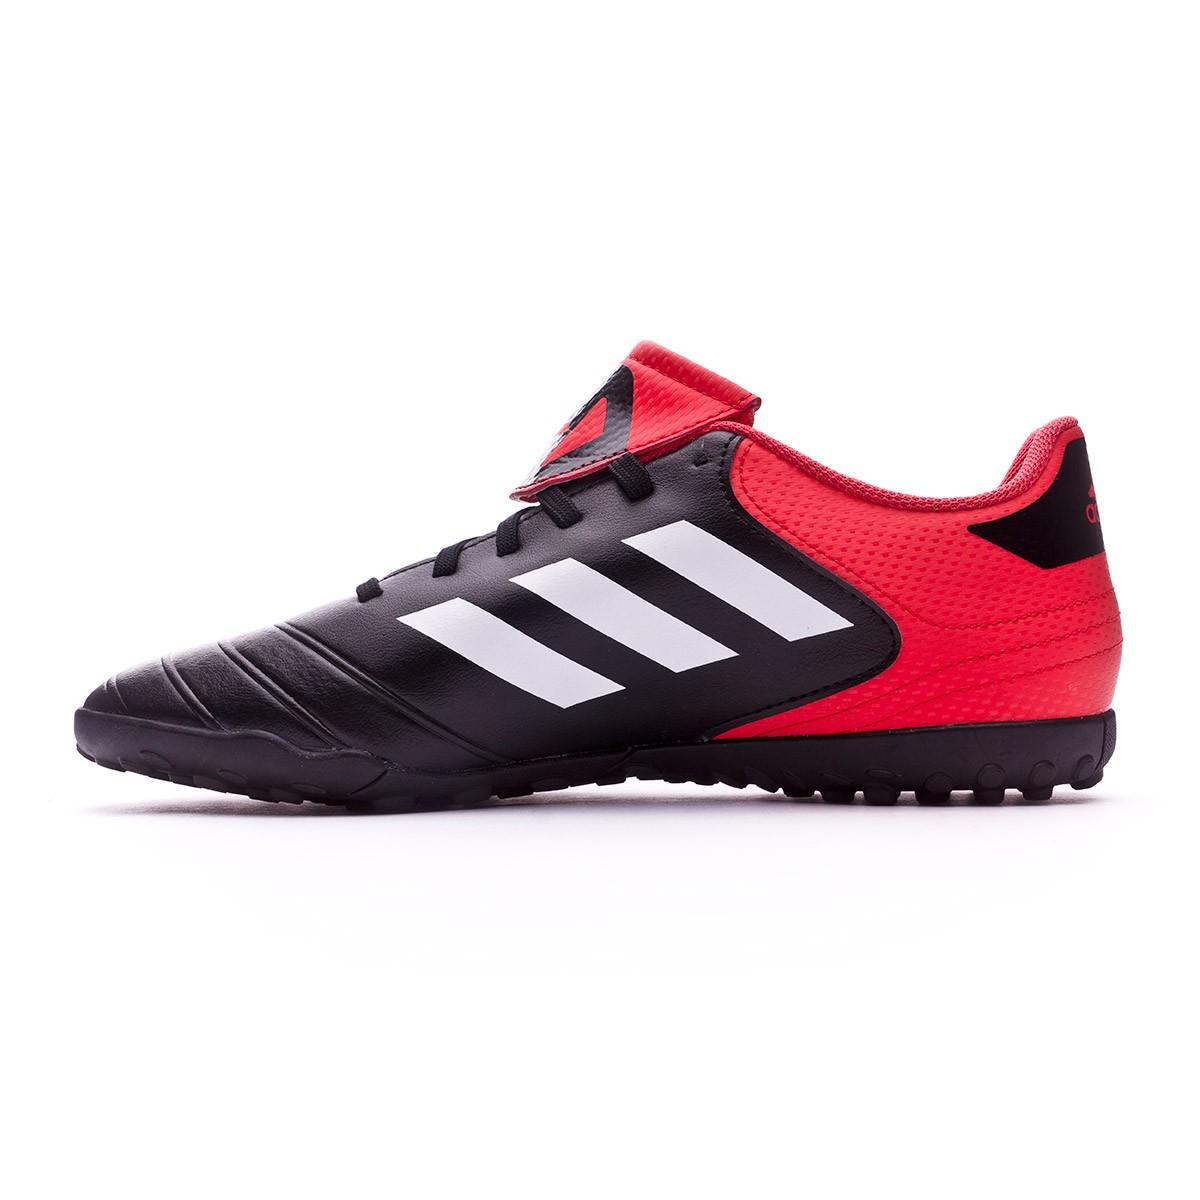 1f7d6e3af36dc Zapatilla adidas Copa Tango 18.4 Turf Core black-White-Real coral - Tienda  de fútbol Fútbol Emotion